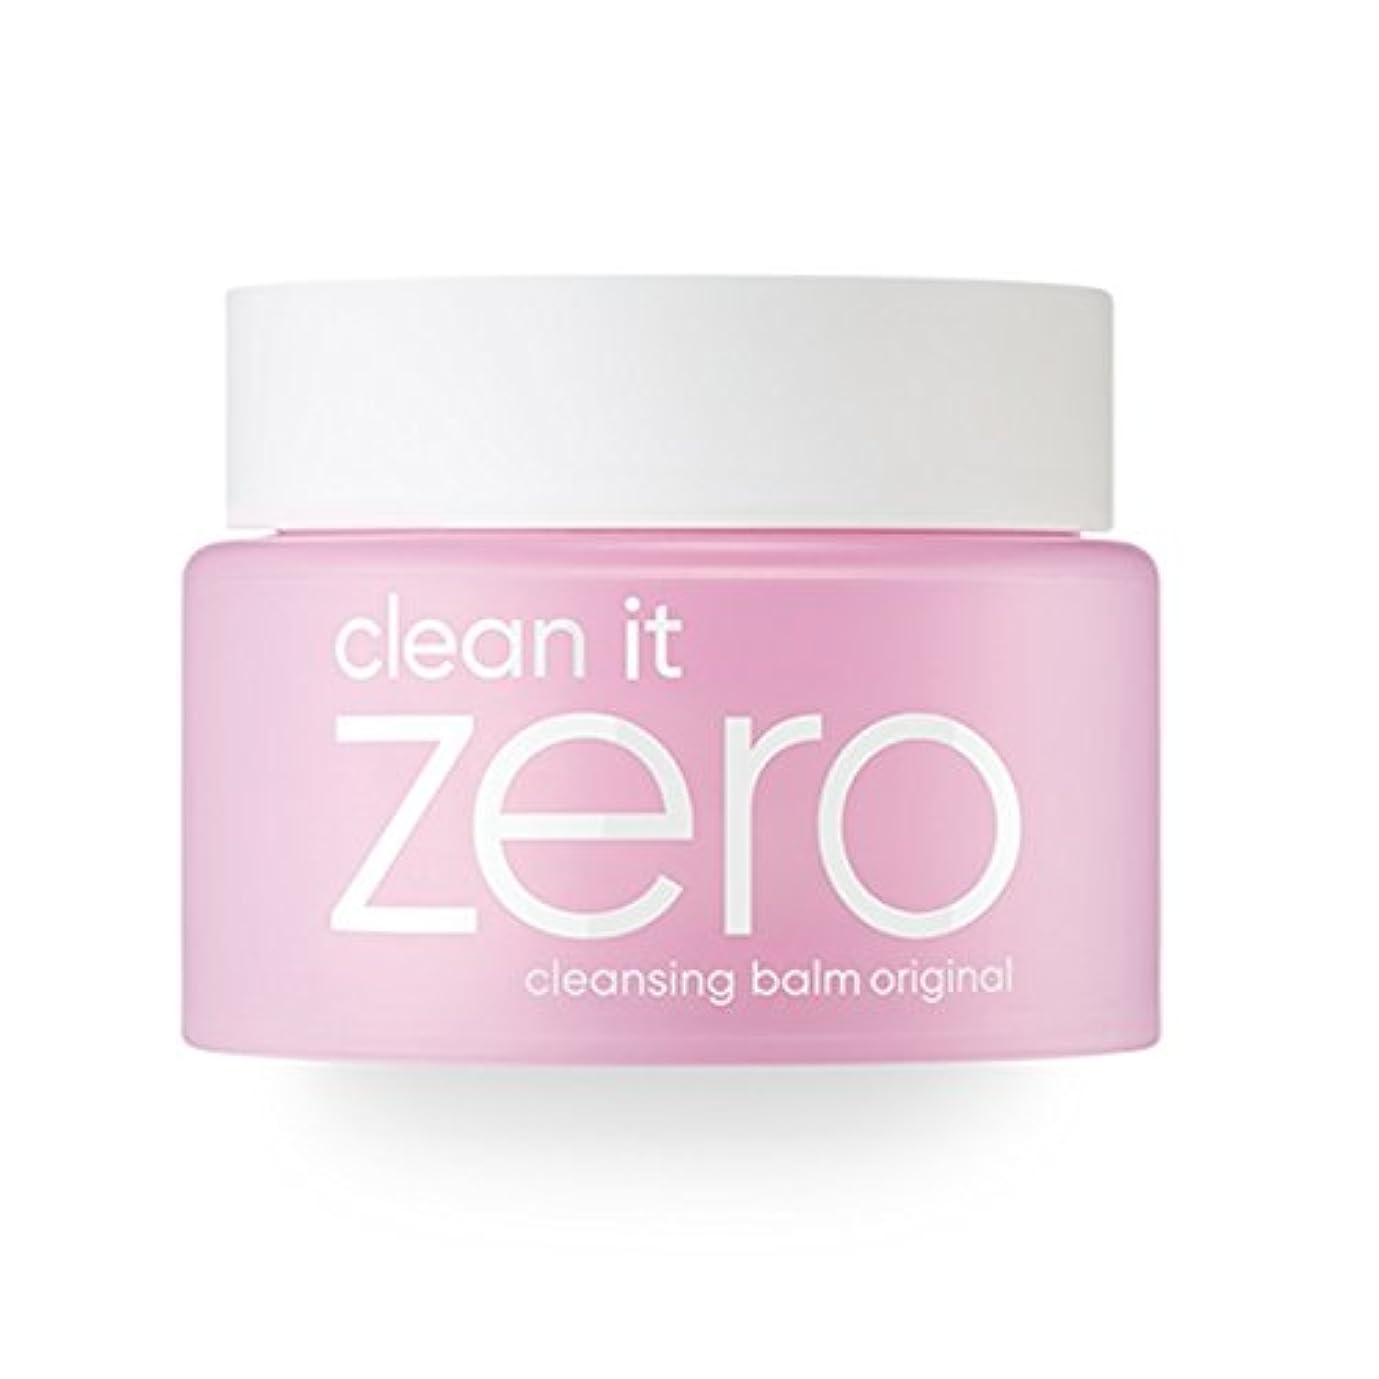 ほのか受け入れブローホールBanila.co クリーン イット ゼロ クレンジングバーム オリジナル / Clean it Zero Cleansing Balm Original (100ml)